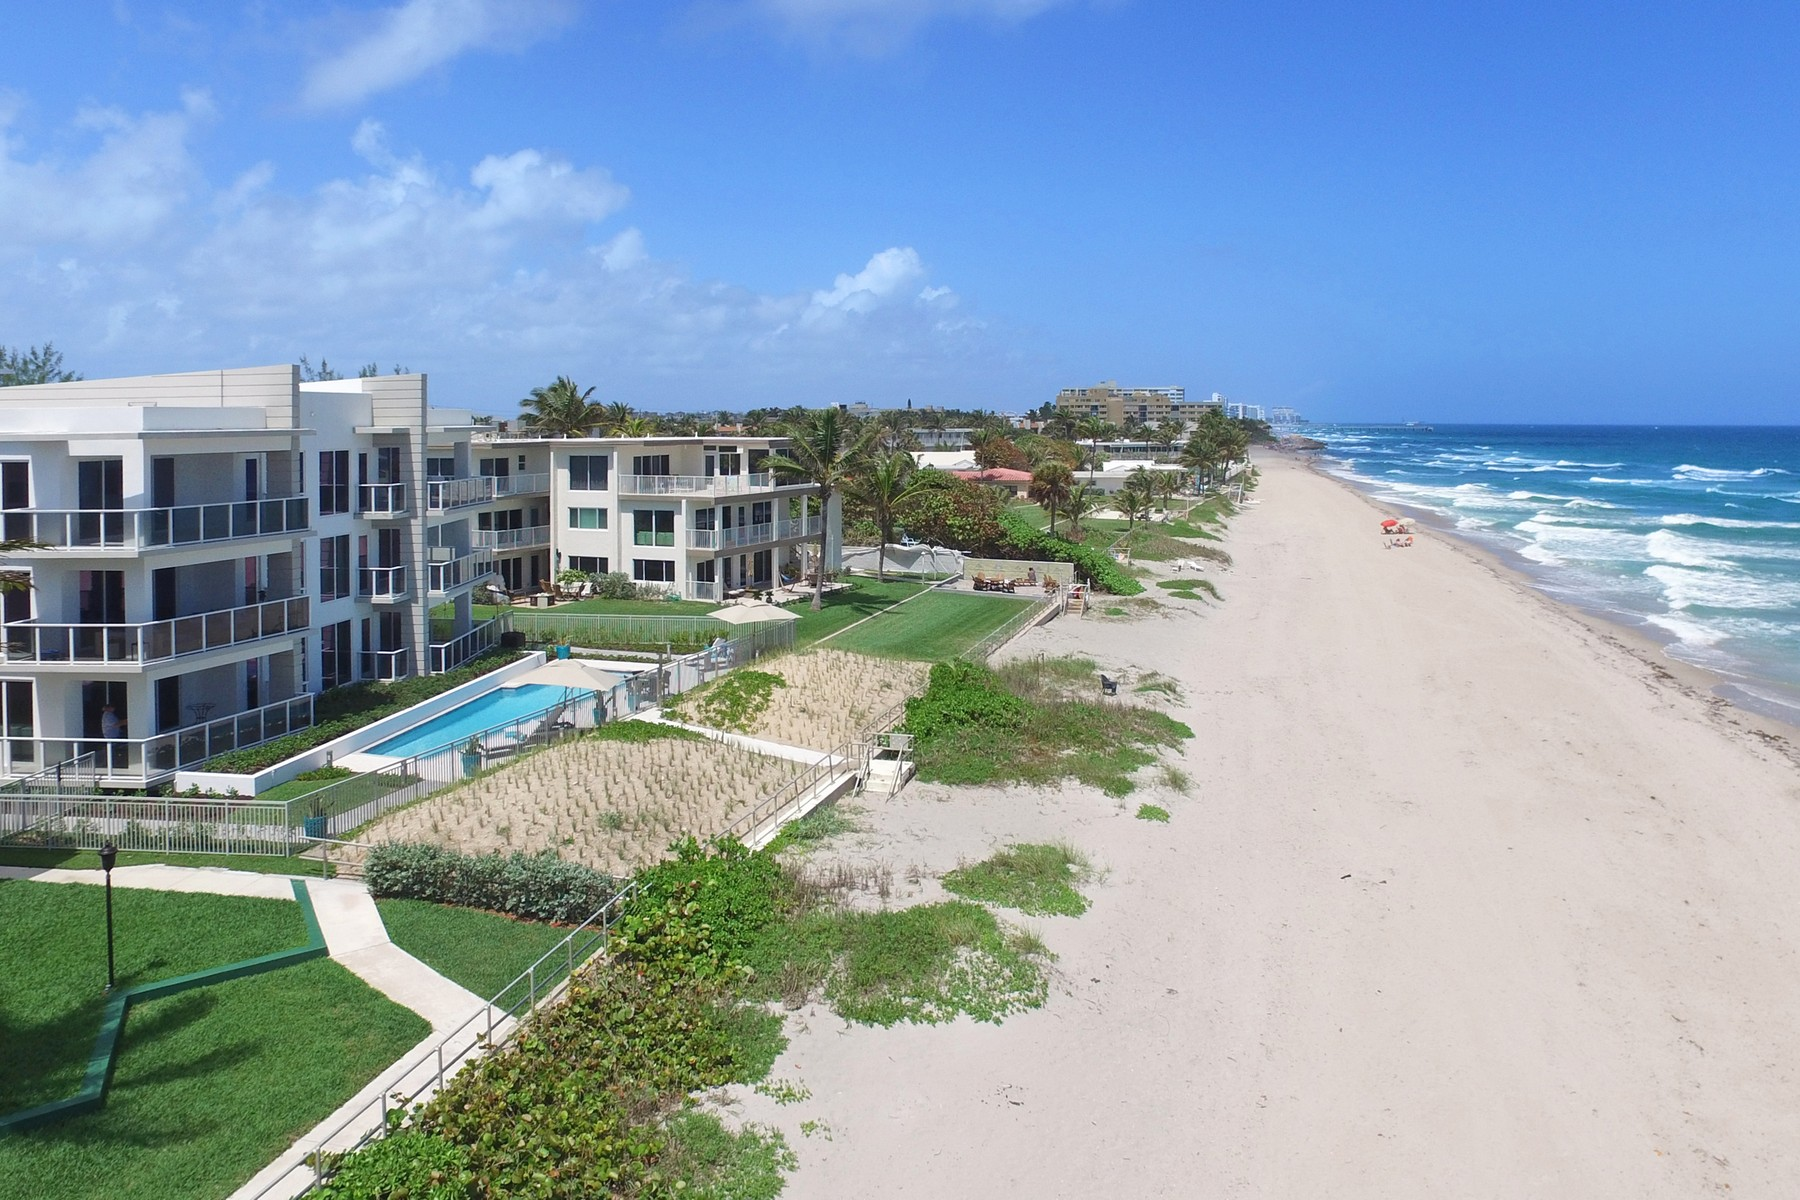 Condominium for Sale at 1200 Hillsboro Mile , 1303, Hillsboro Beach, FL 33 1200 Hillsboro Mile 1303 Hillsboro Beach, Florida 33062 United States